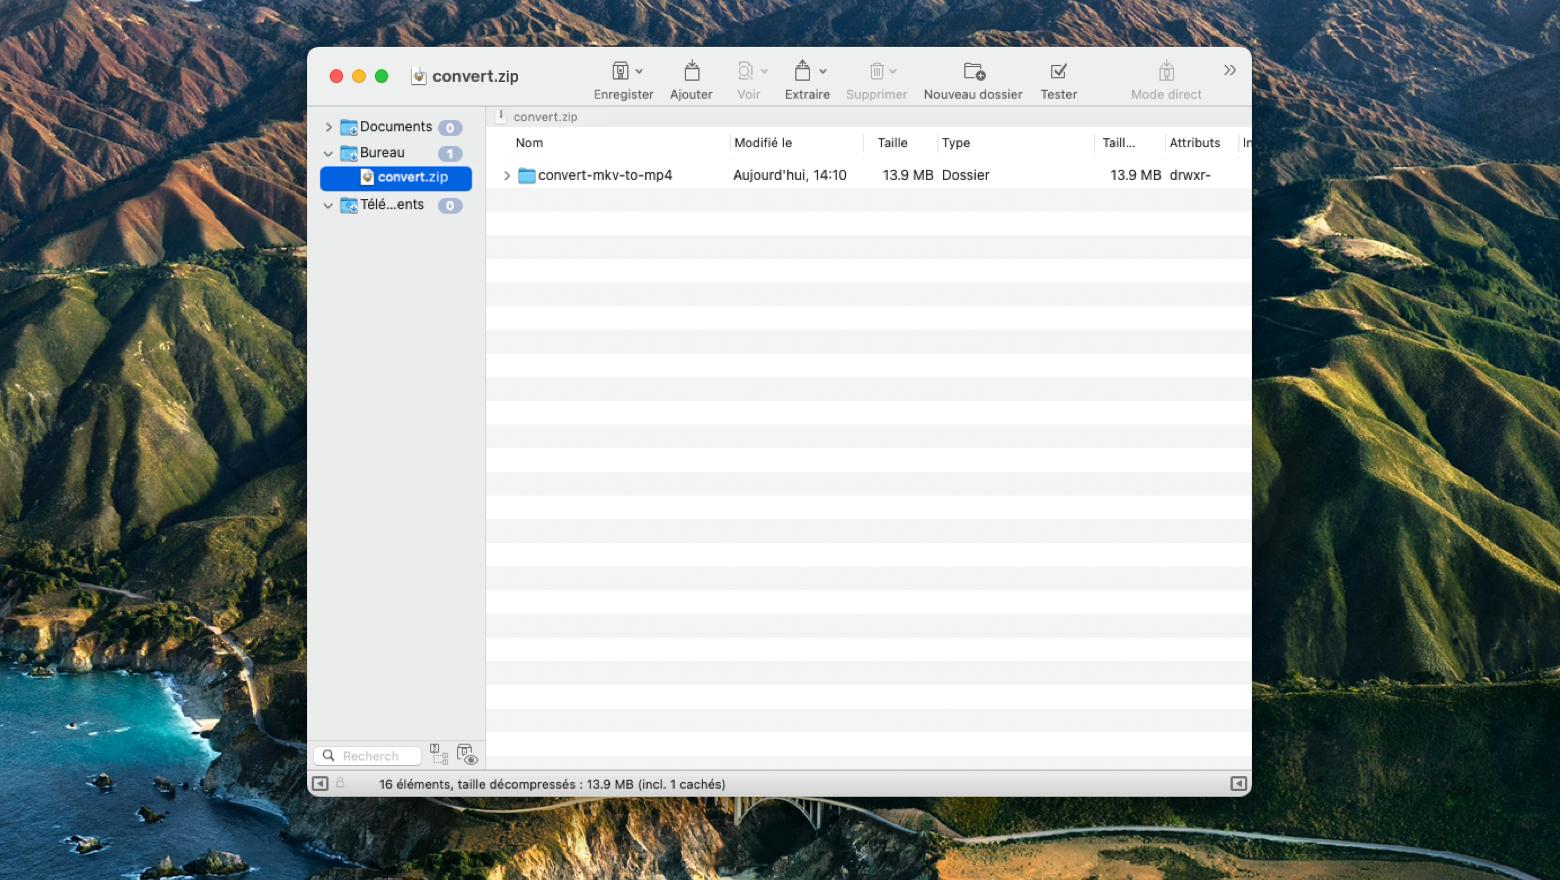 Réenregistrer le fichier ou dossier compressé